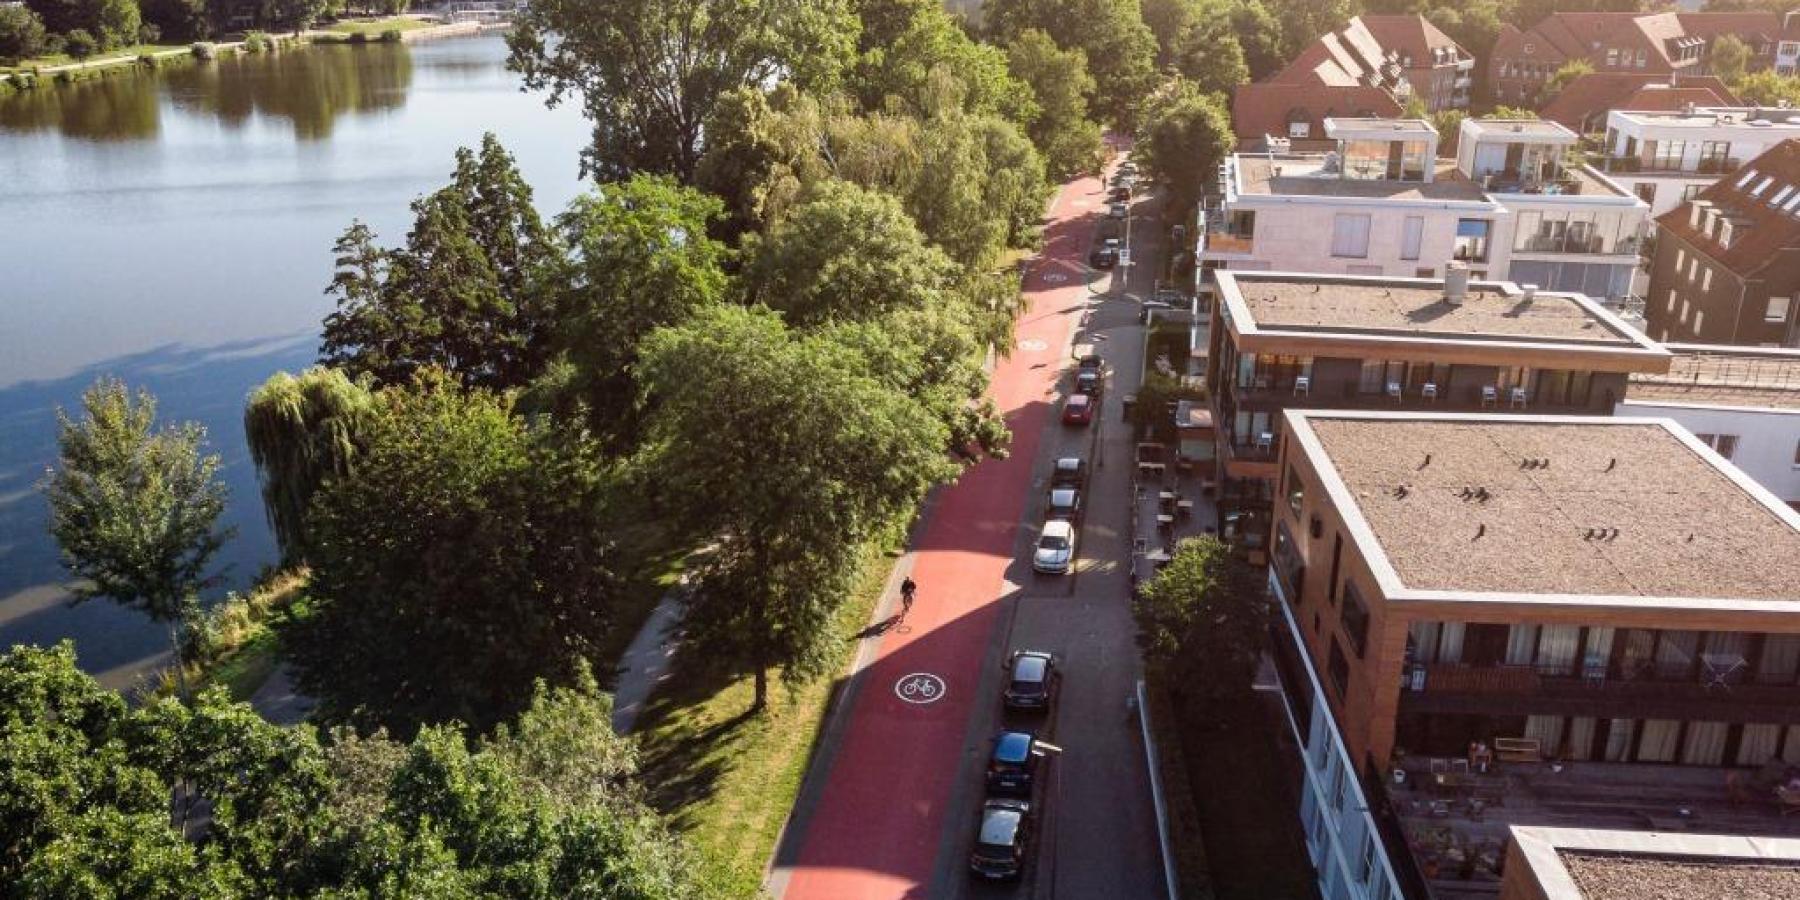 Velorouten: Breite Bürgerbeteiligung